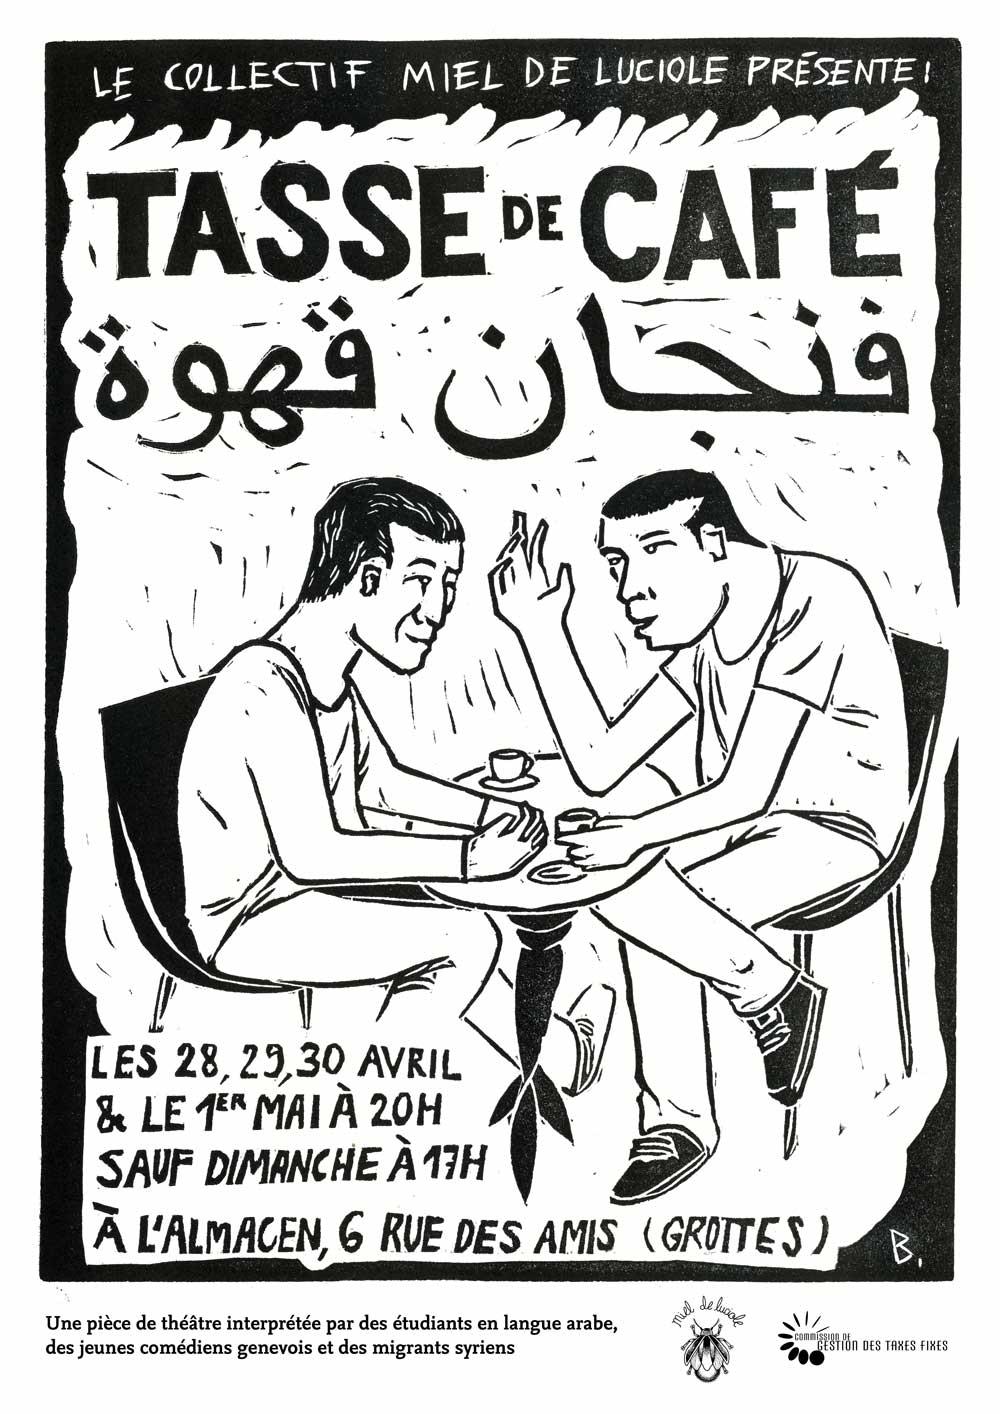 rencontre entre arabe